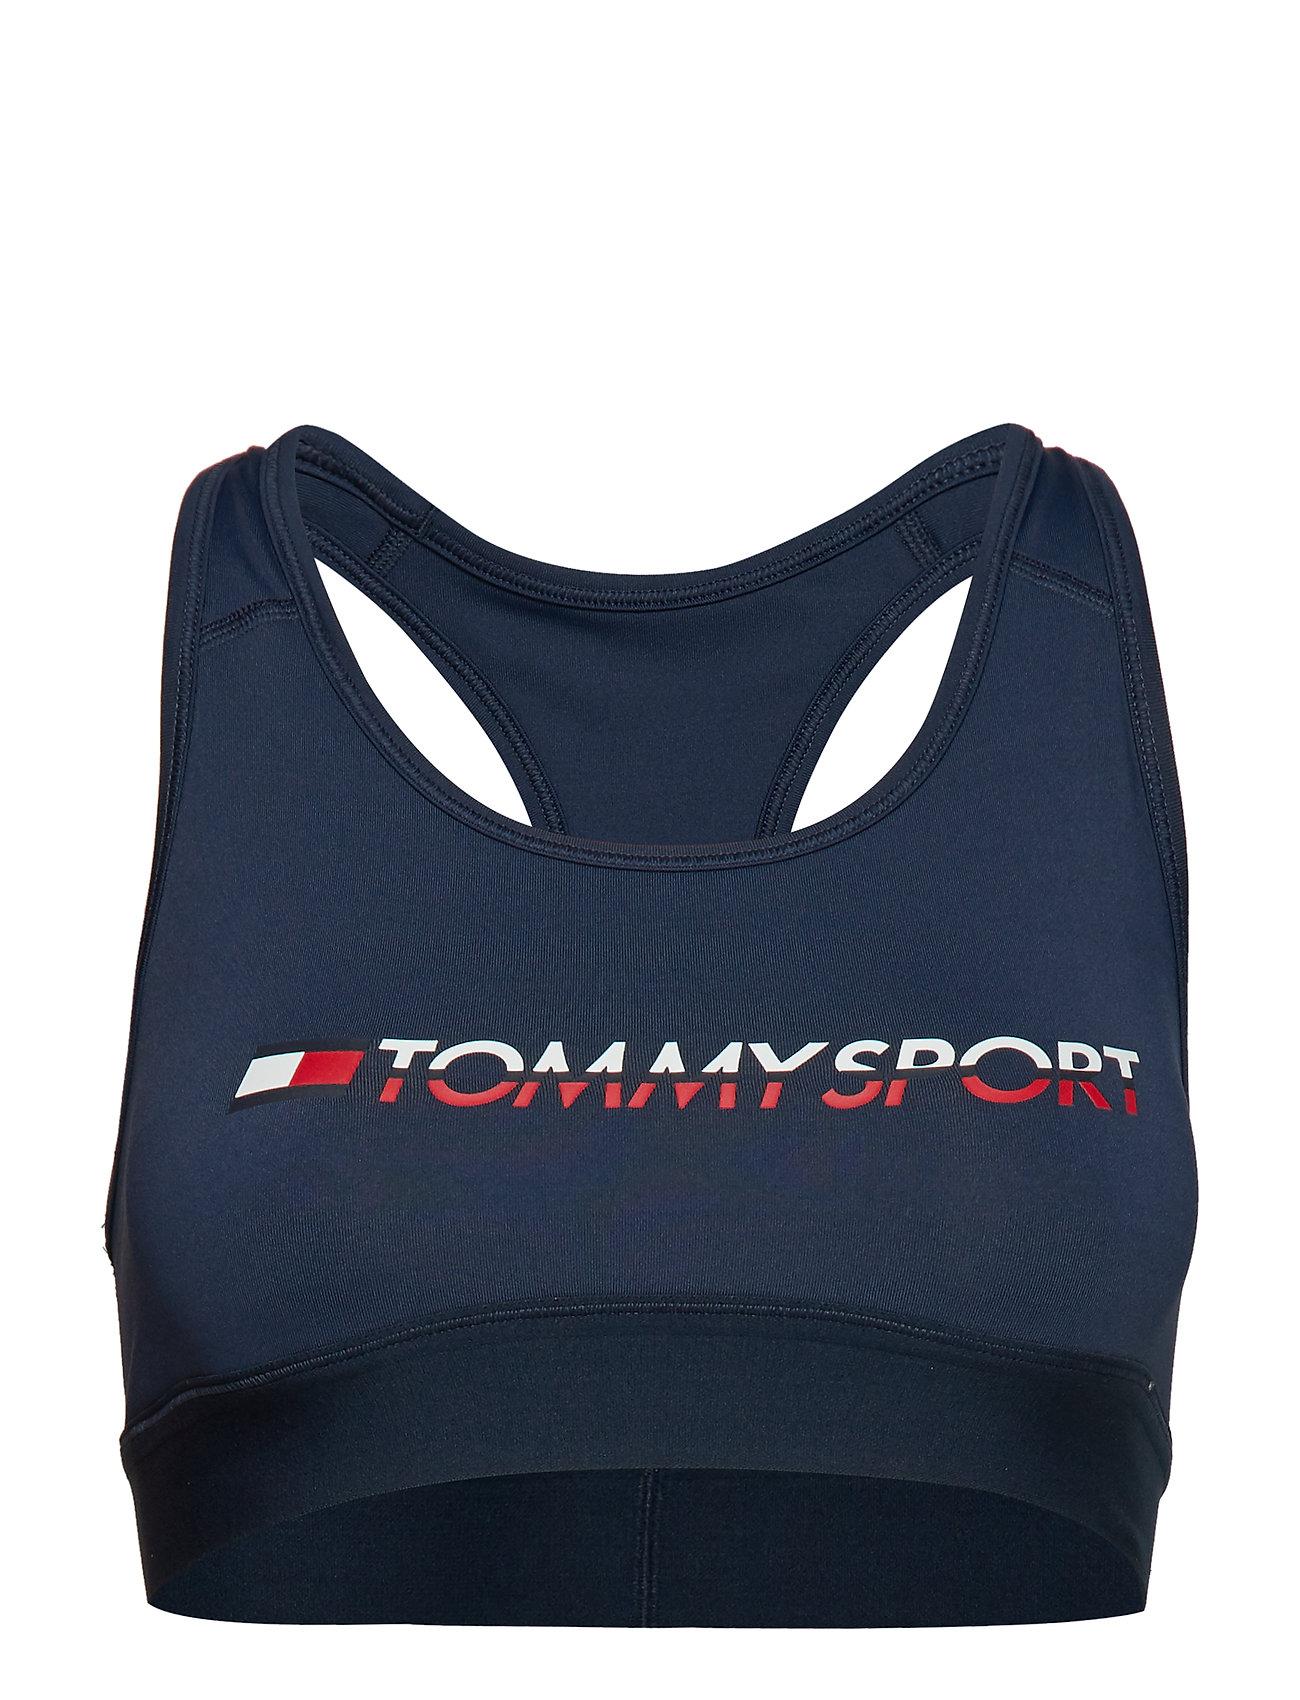 NavyTommy Logosport Tri Sport Sports Bra Medium rCxoeWEBQd